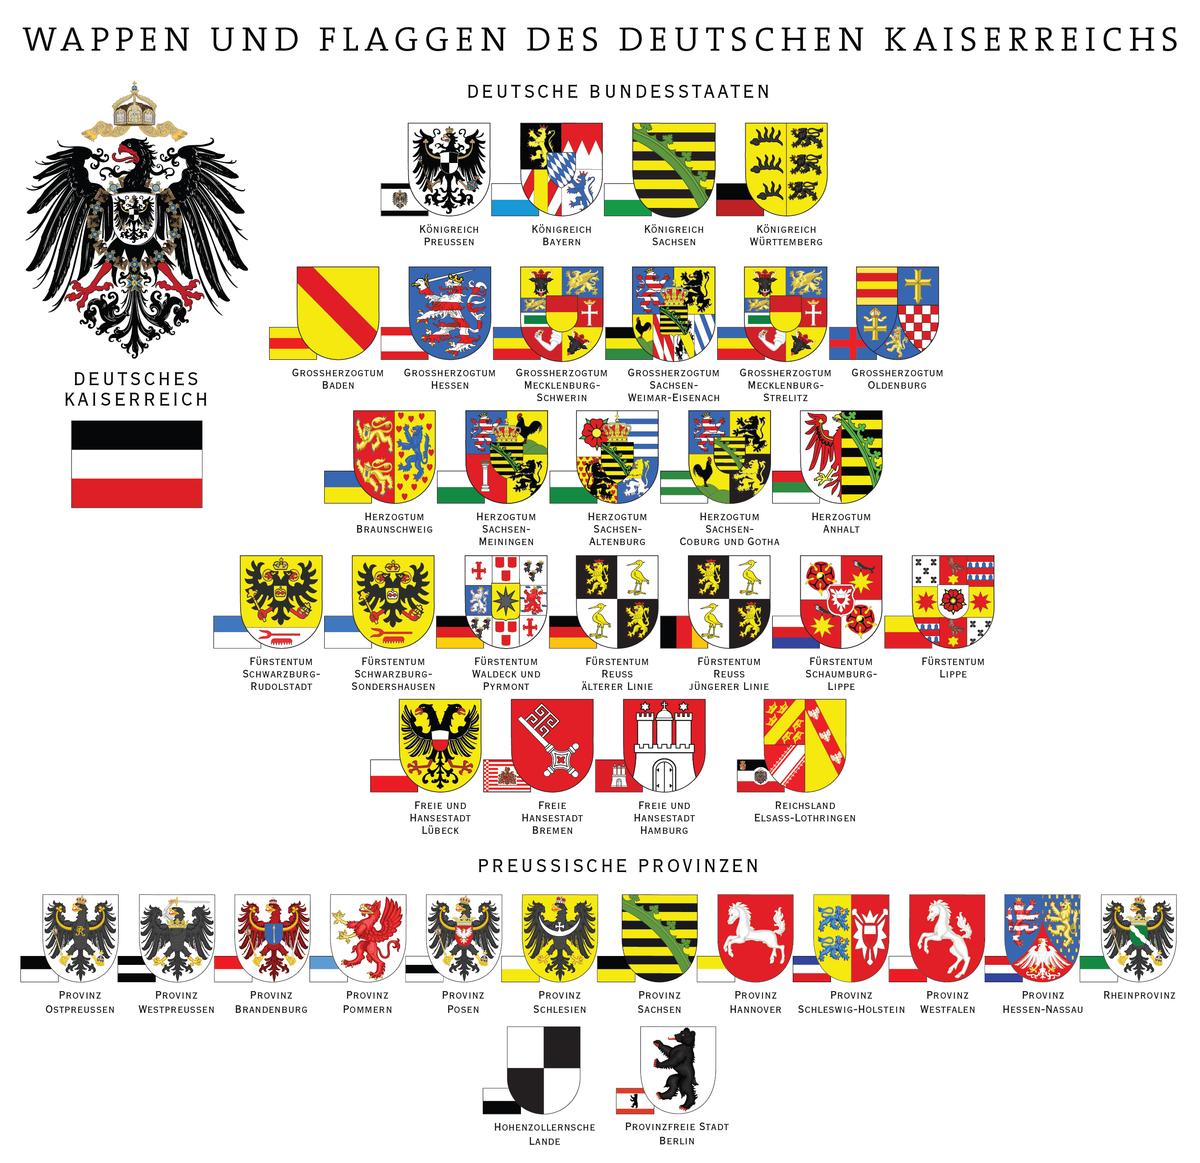 Wappen und Flaggen des Deutschen Reichs und der Preußischen Provinzen.png